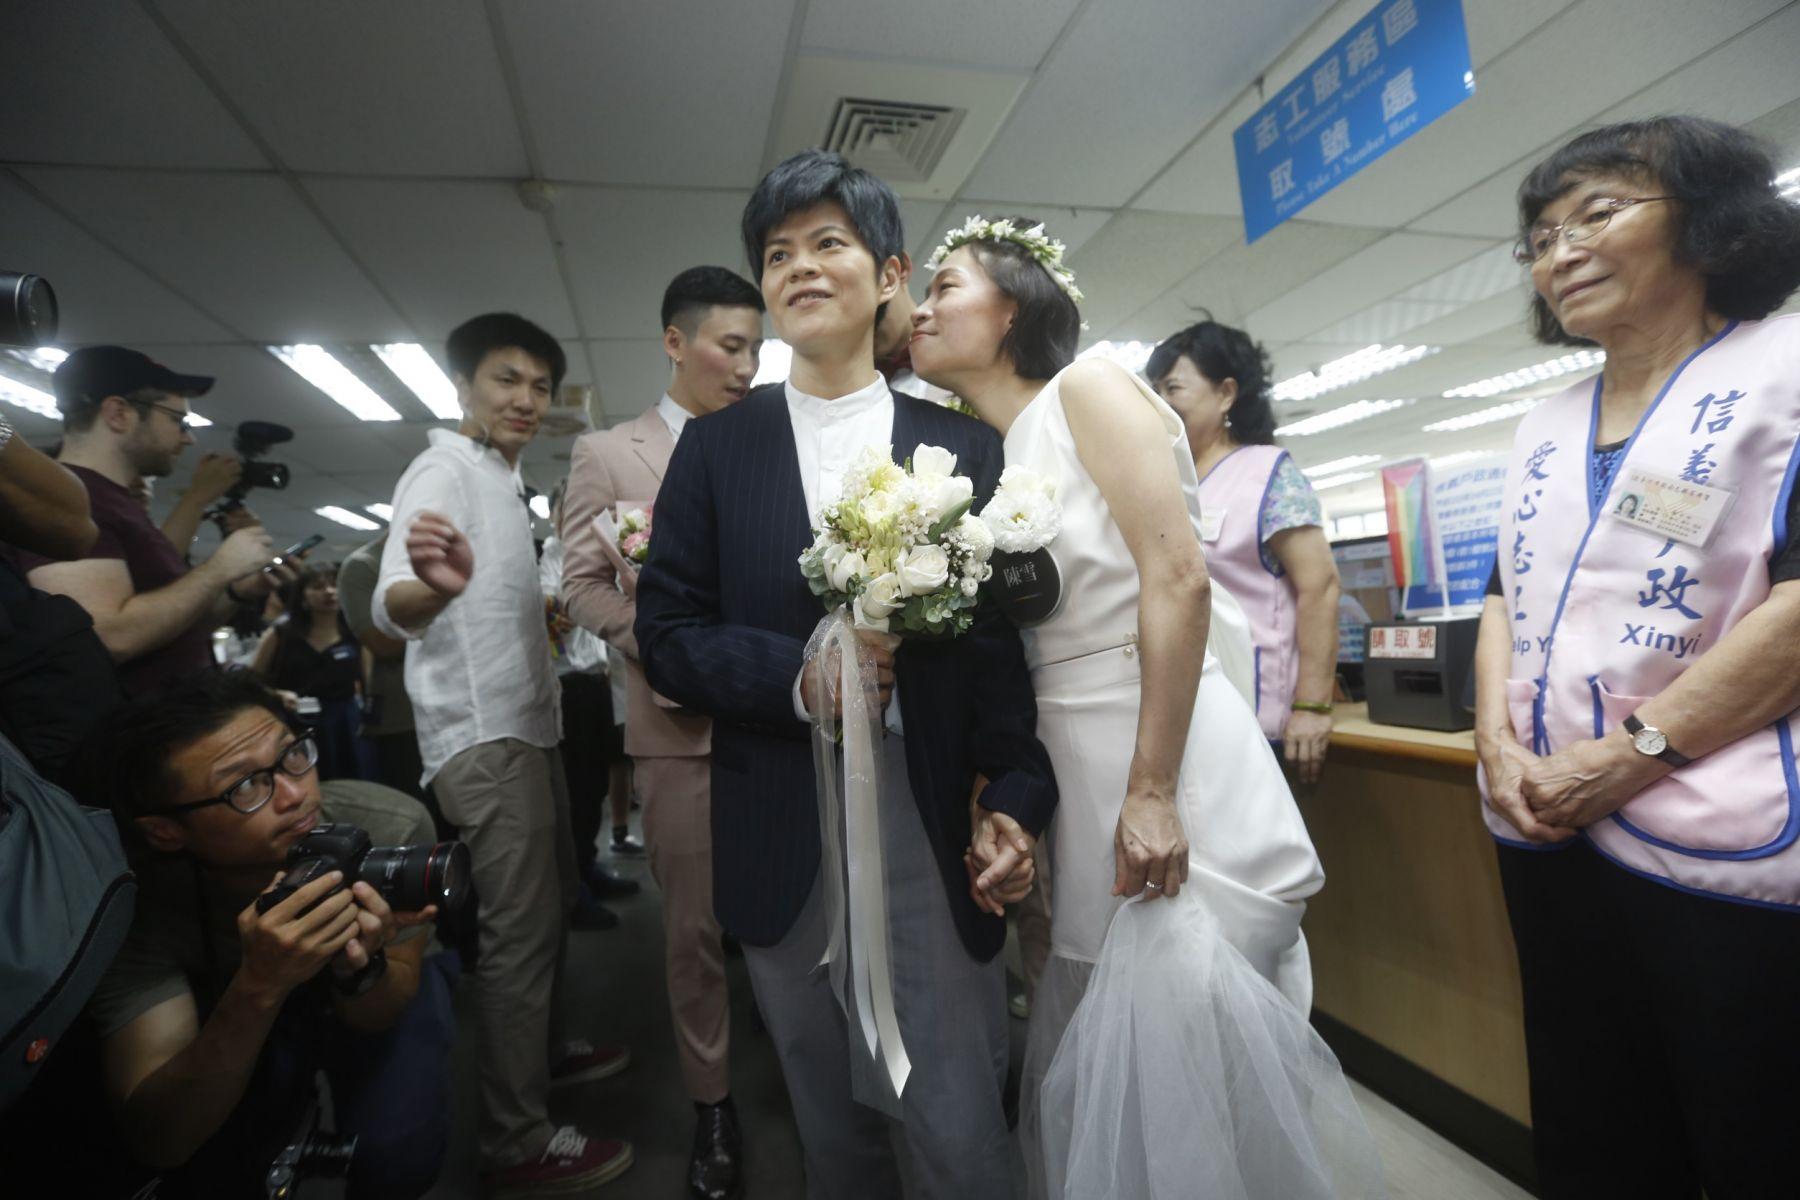 知名作家陳雪穿了婚紗在眾人的見證下辦理登記